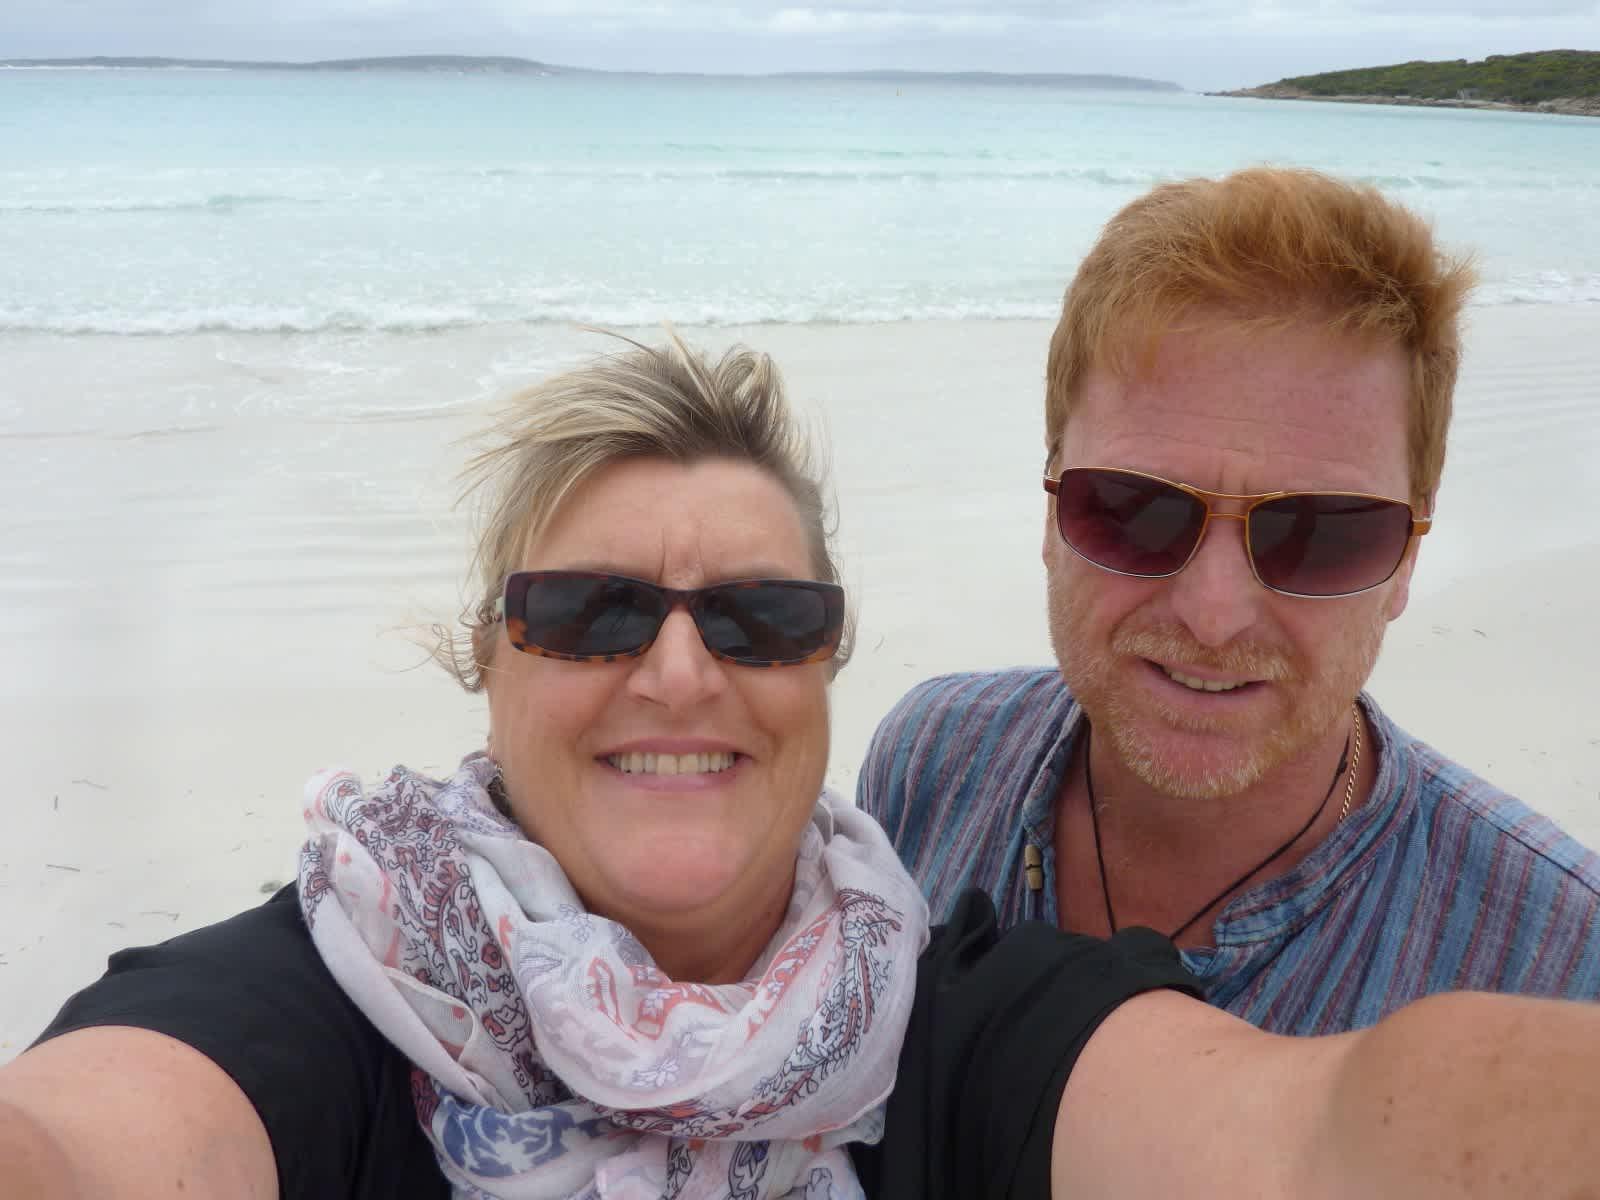 Peter & kahren & Kahren from Waihi, New Zealand